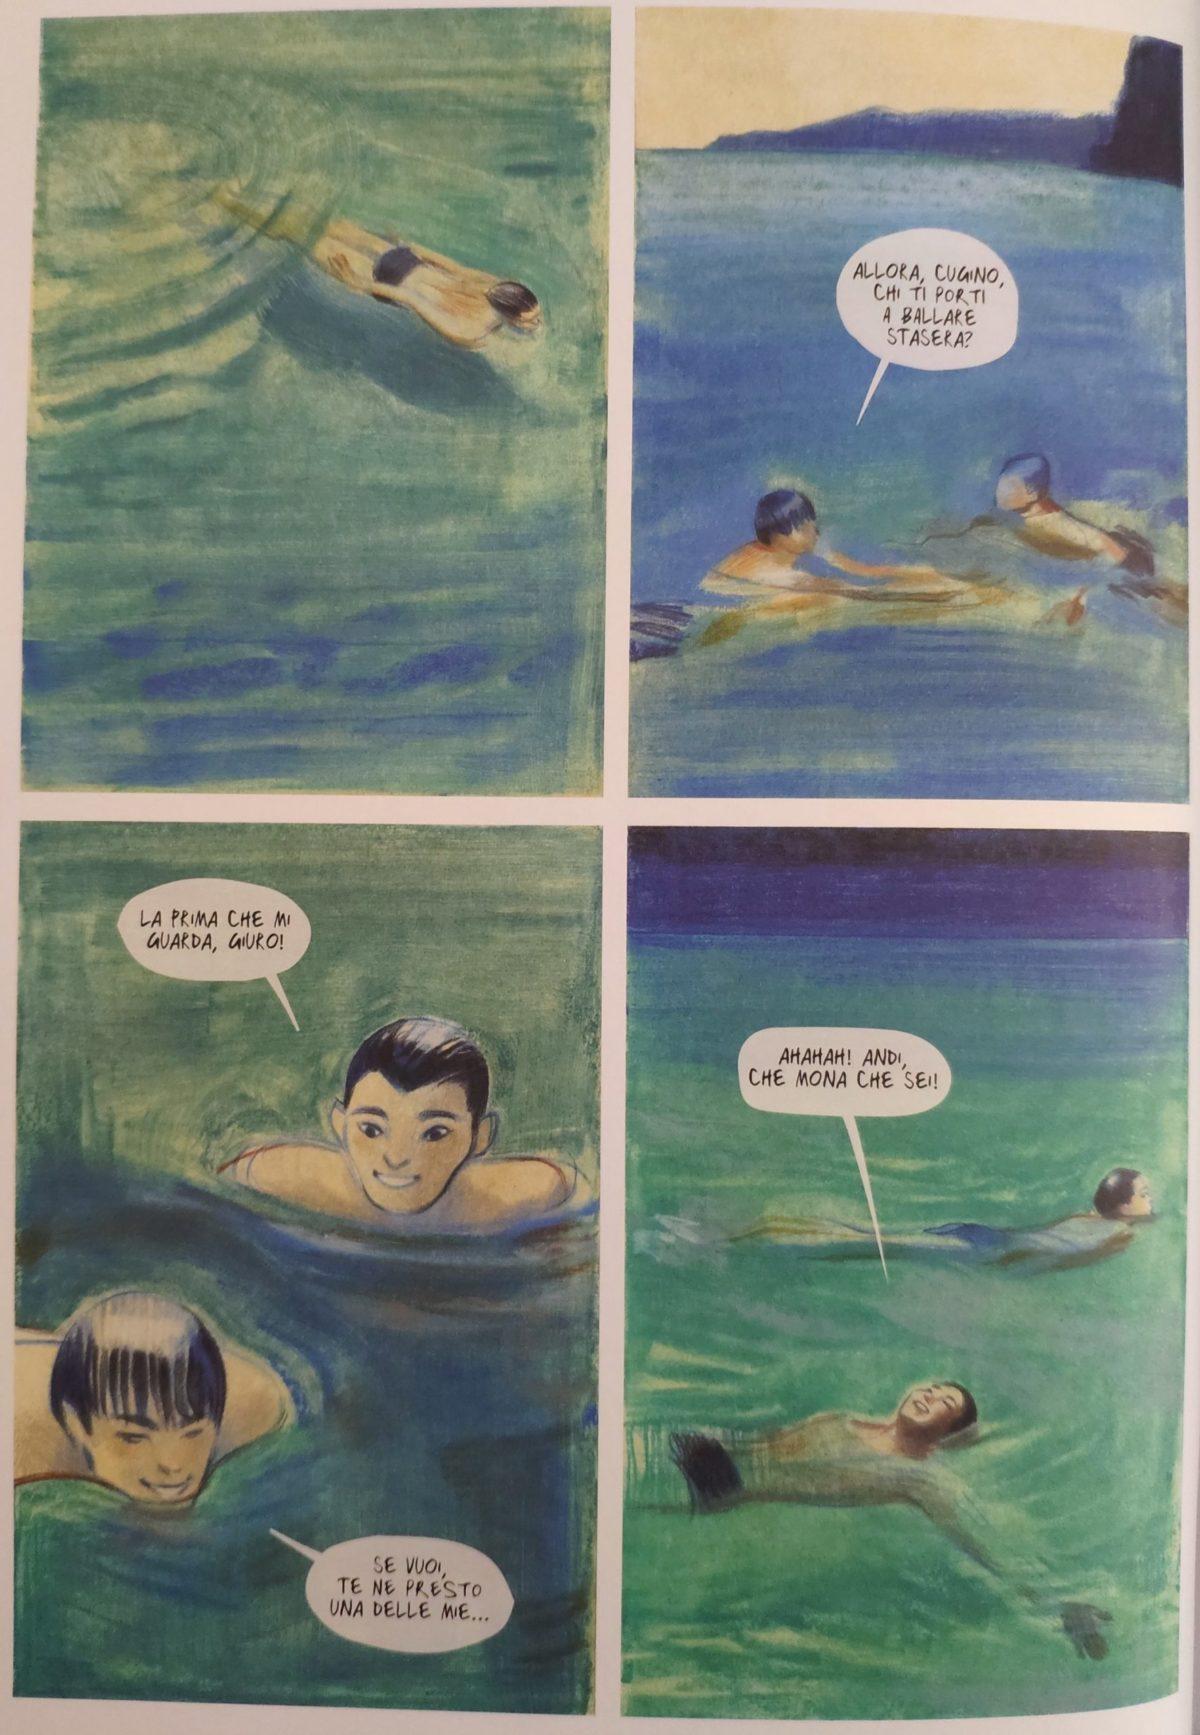 Mio caro fumetto... - I bagni estivi a Medea, attuale Medveja